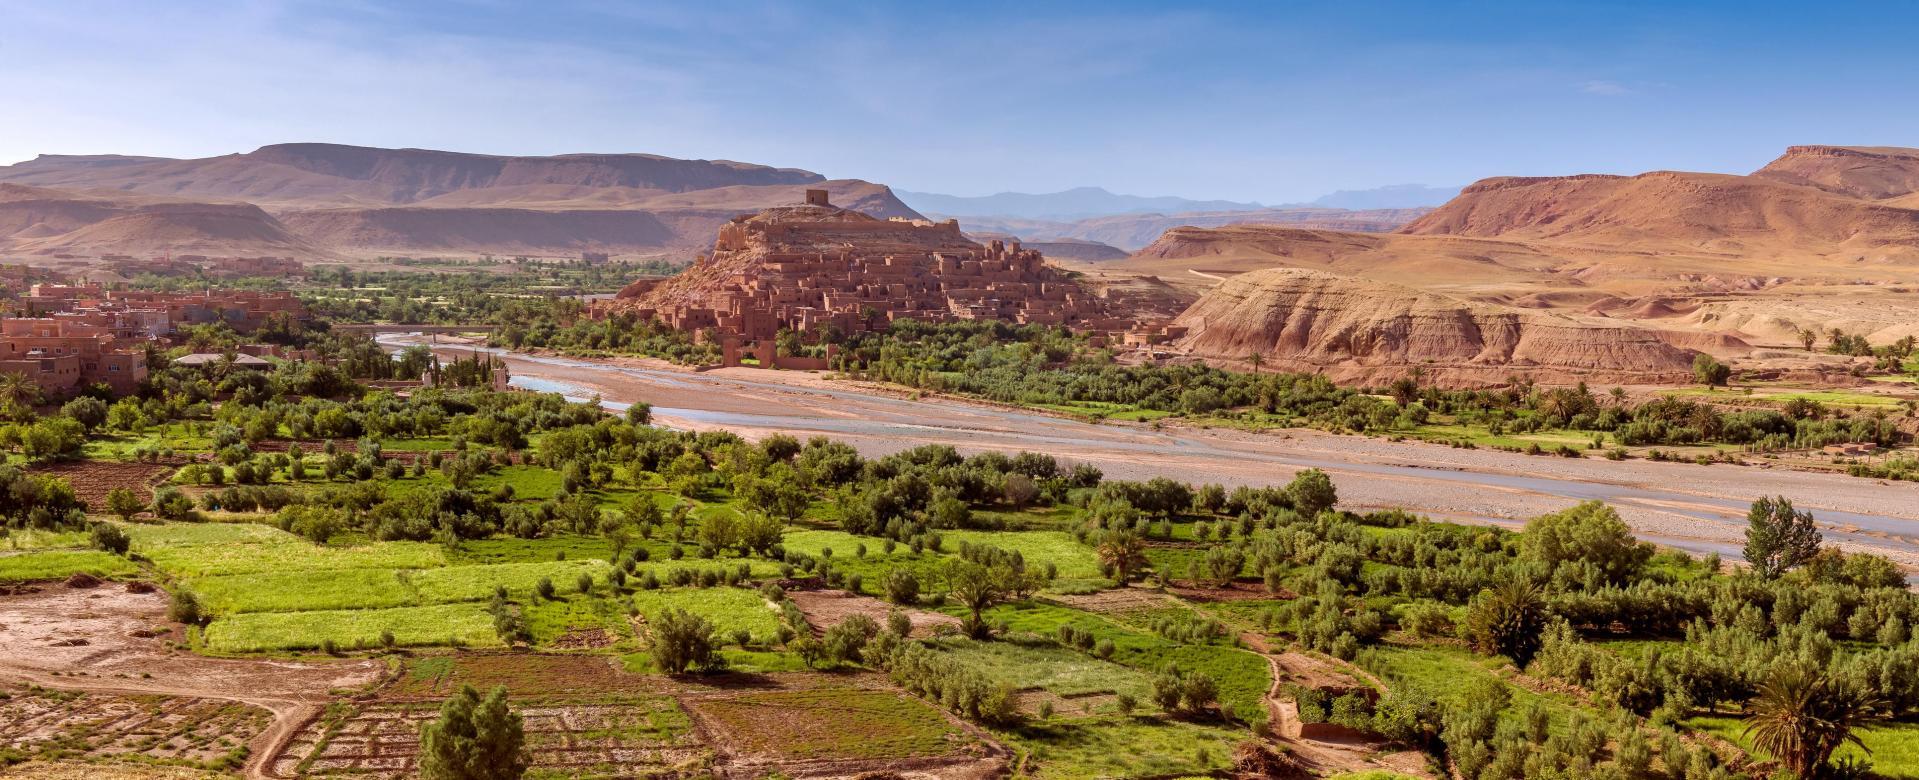 Voyage à pied Maroc : La vallée des roses